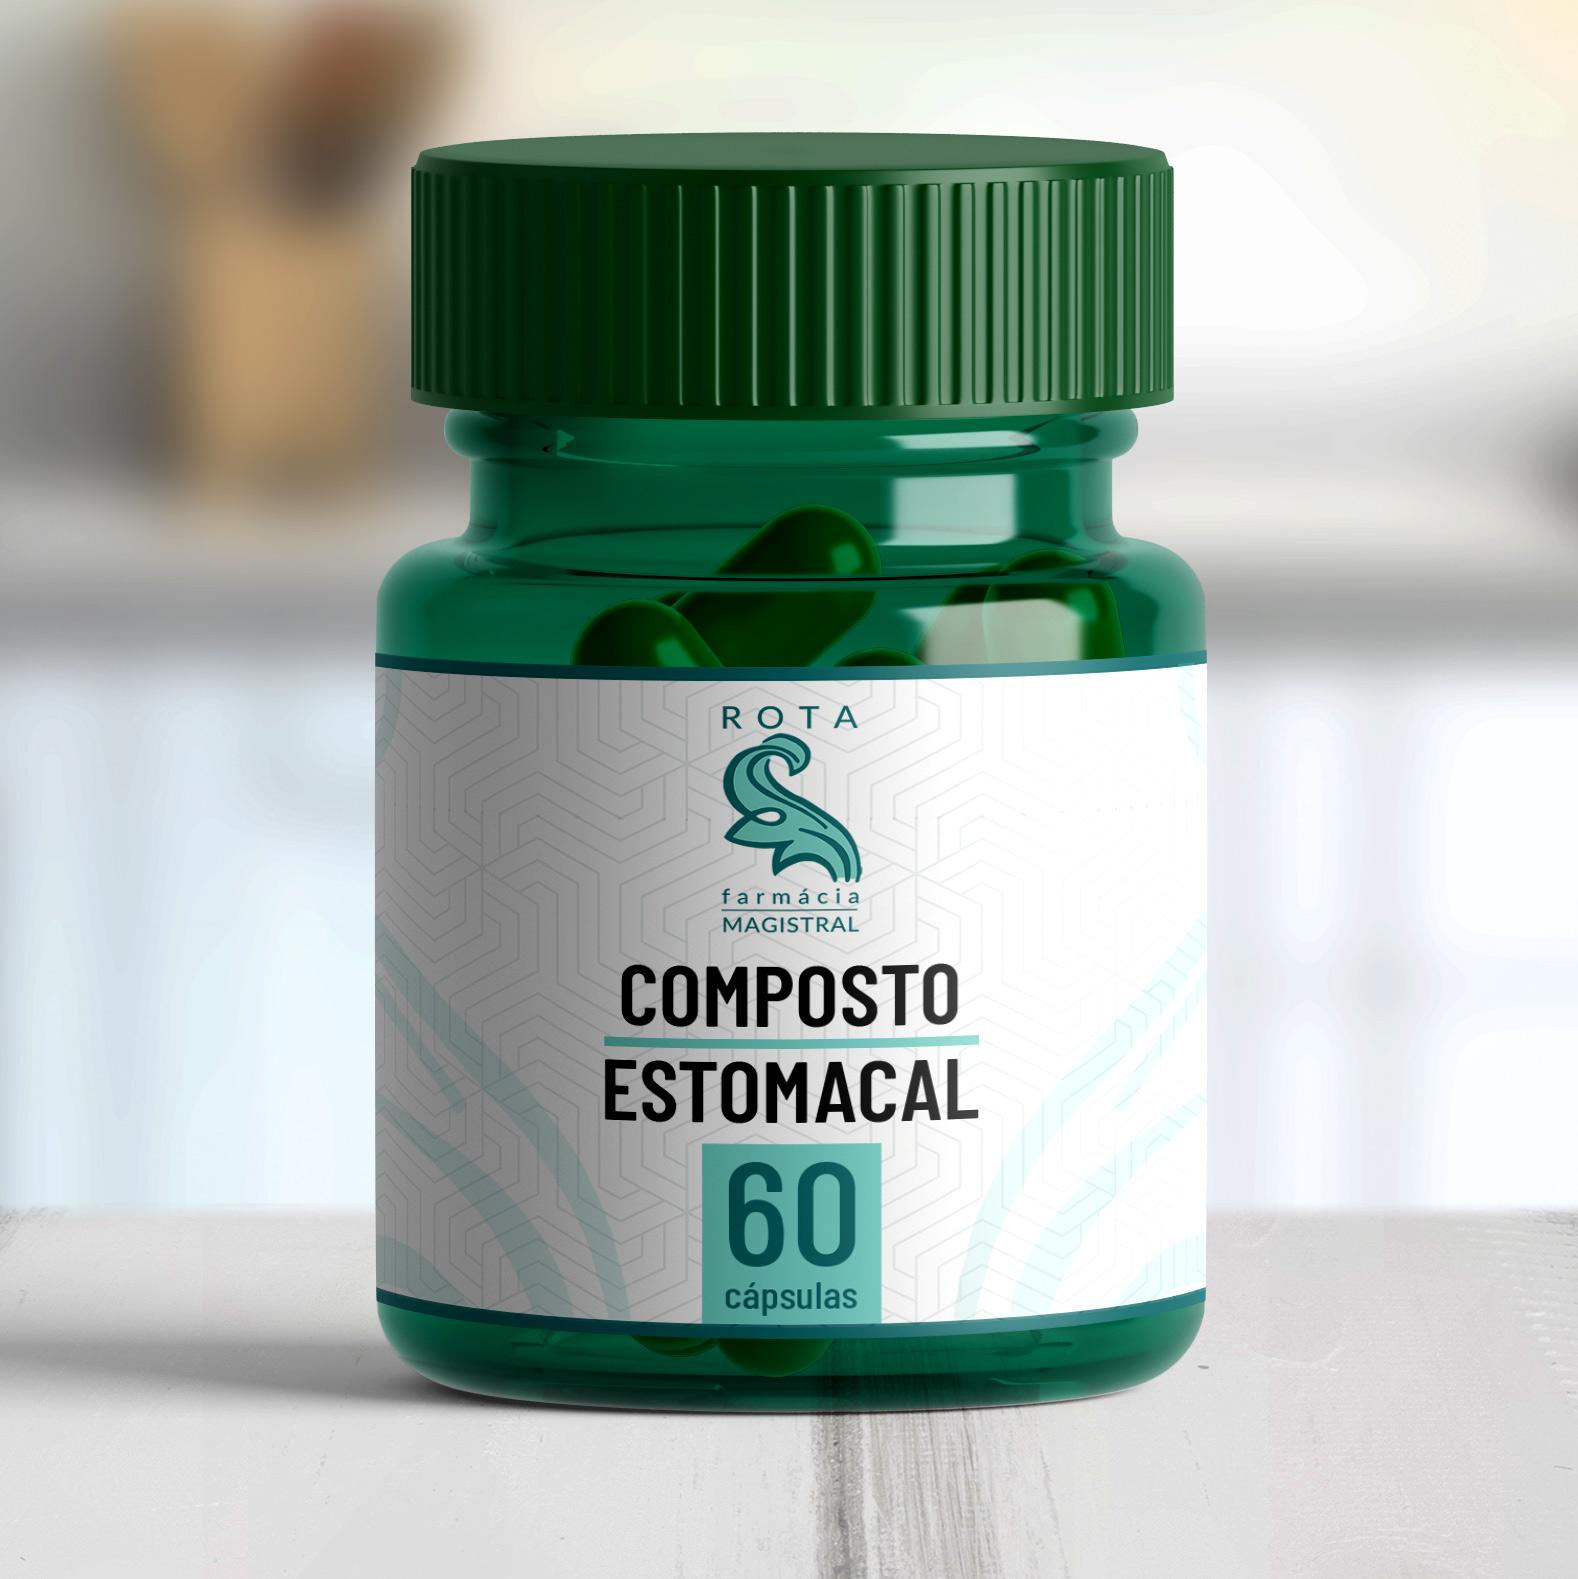 Composto Estomacal 60 cápsulas